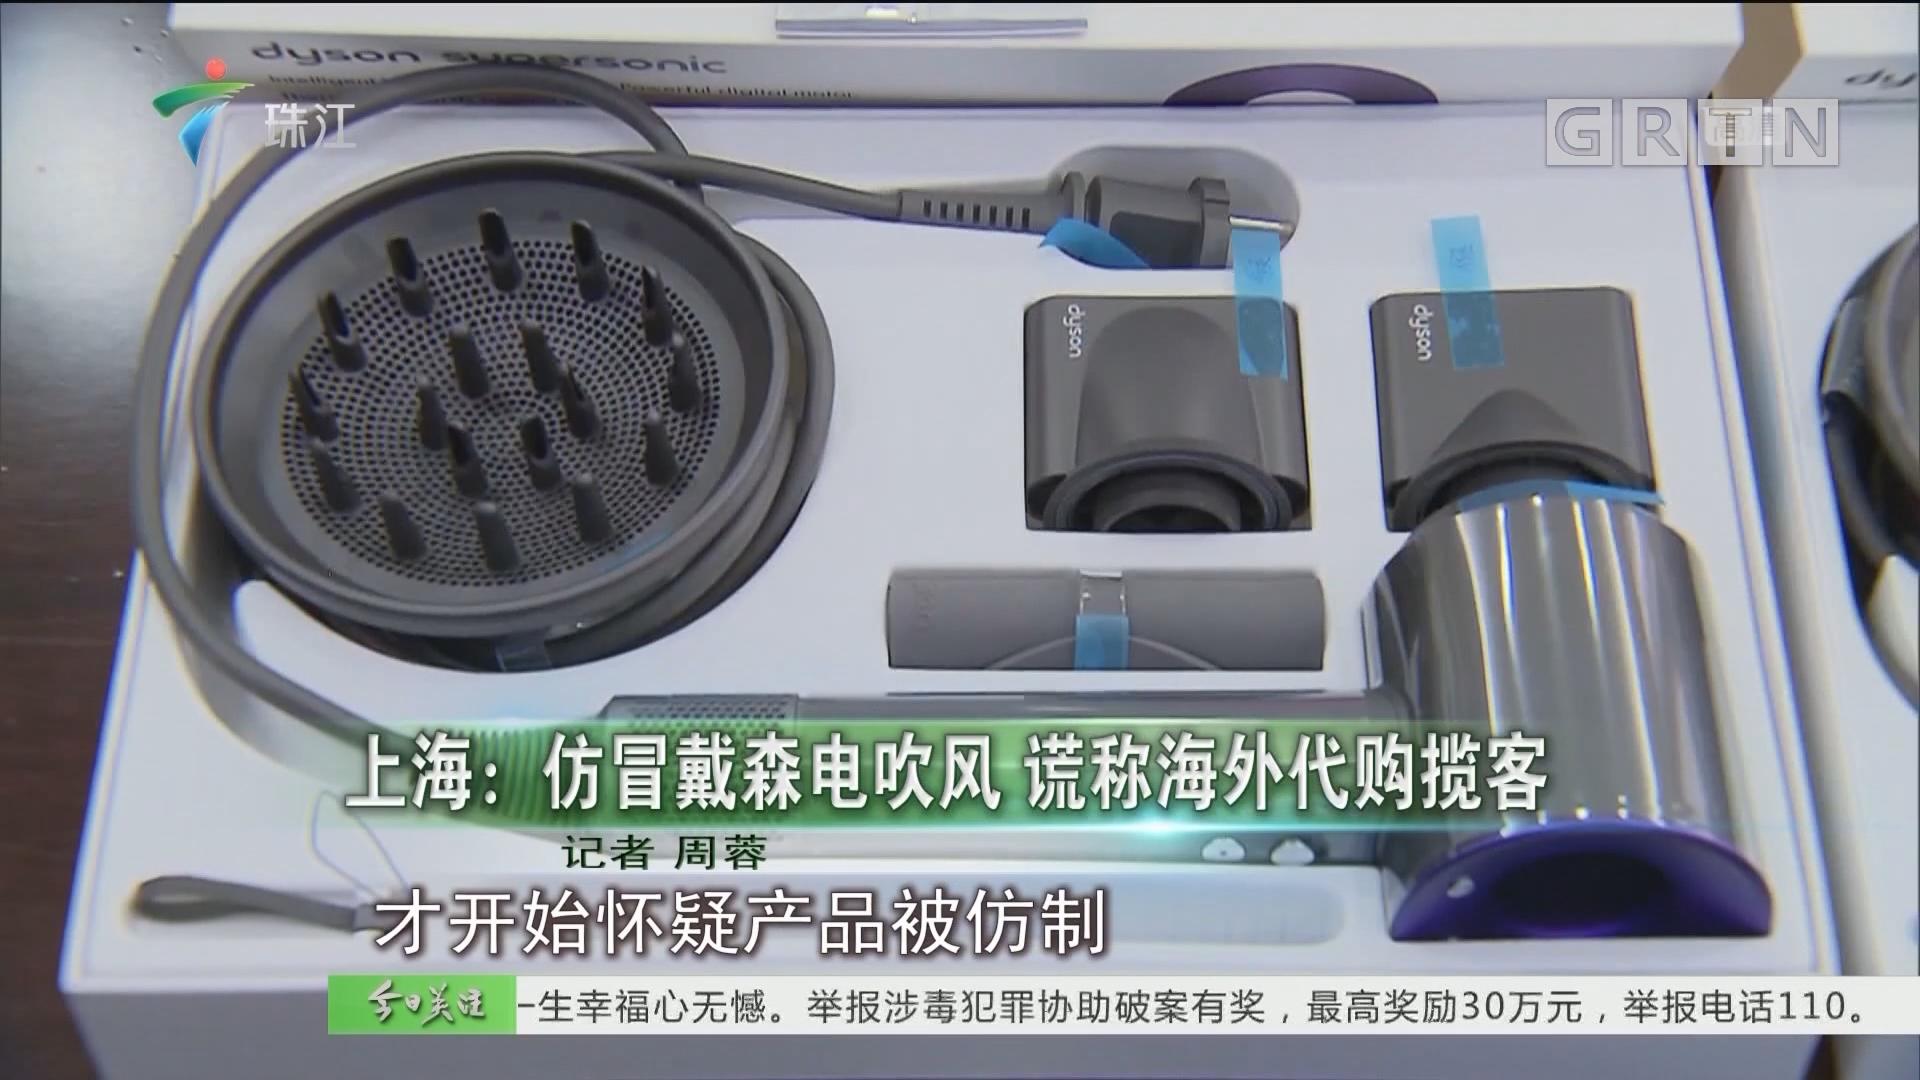 上海:仿冒戴森电吹风 谎称海外代购揽客